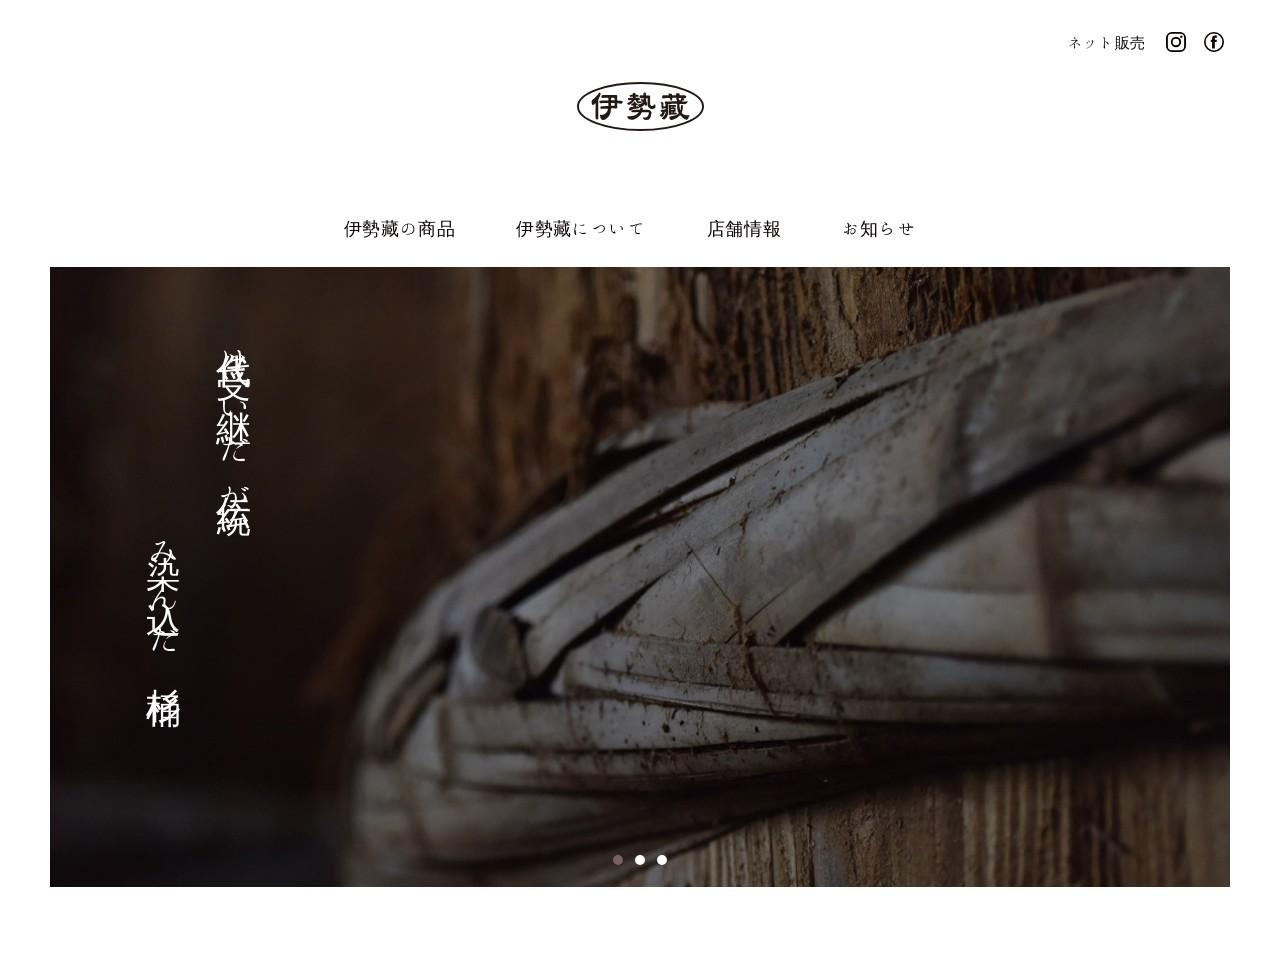 三重県 四日市で 醤油(しょうゆ)・赤味噌(みそ)・合わせ味噌(みそ)の販売なら伊勢蔵(いせぐら)